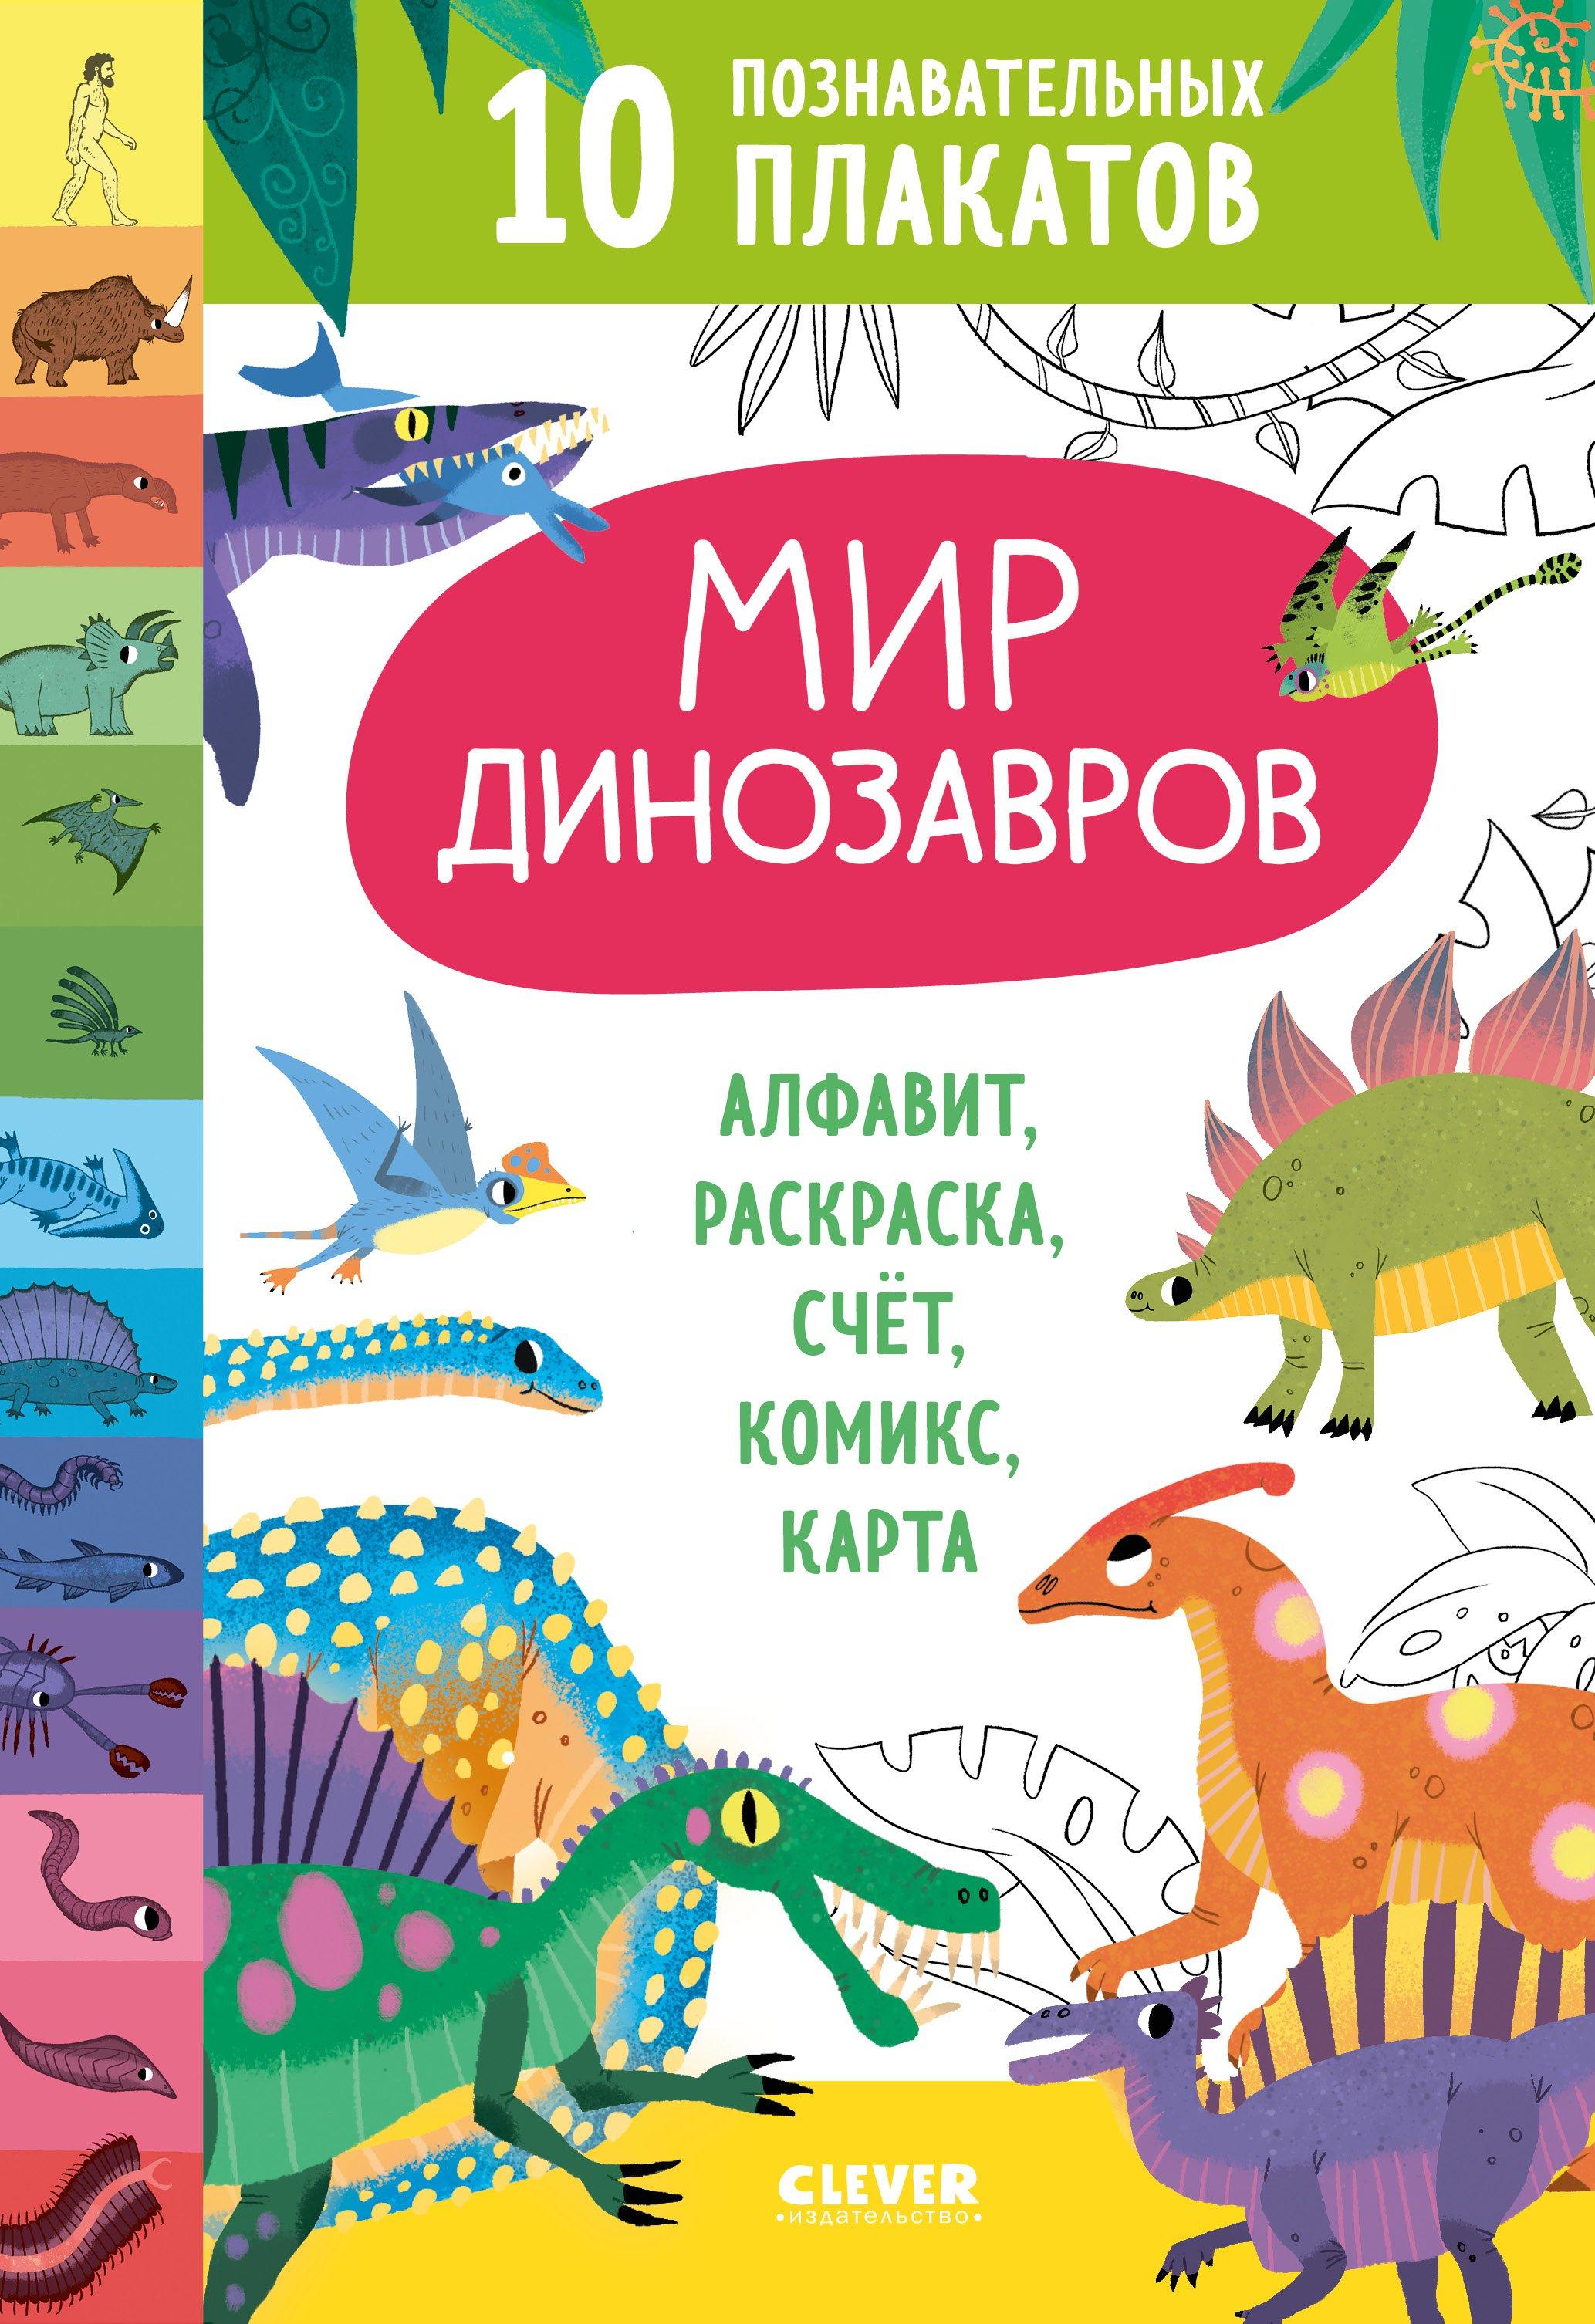 Удивительные энциклопедии. Мир динозавров. 10 познавательных плакатов